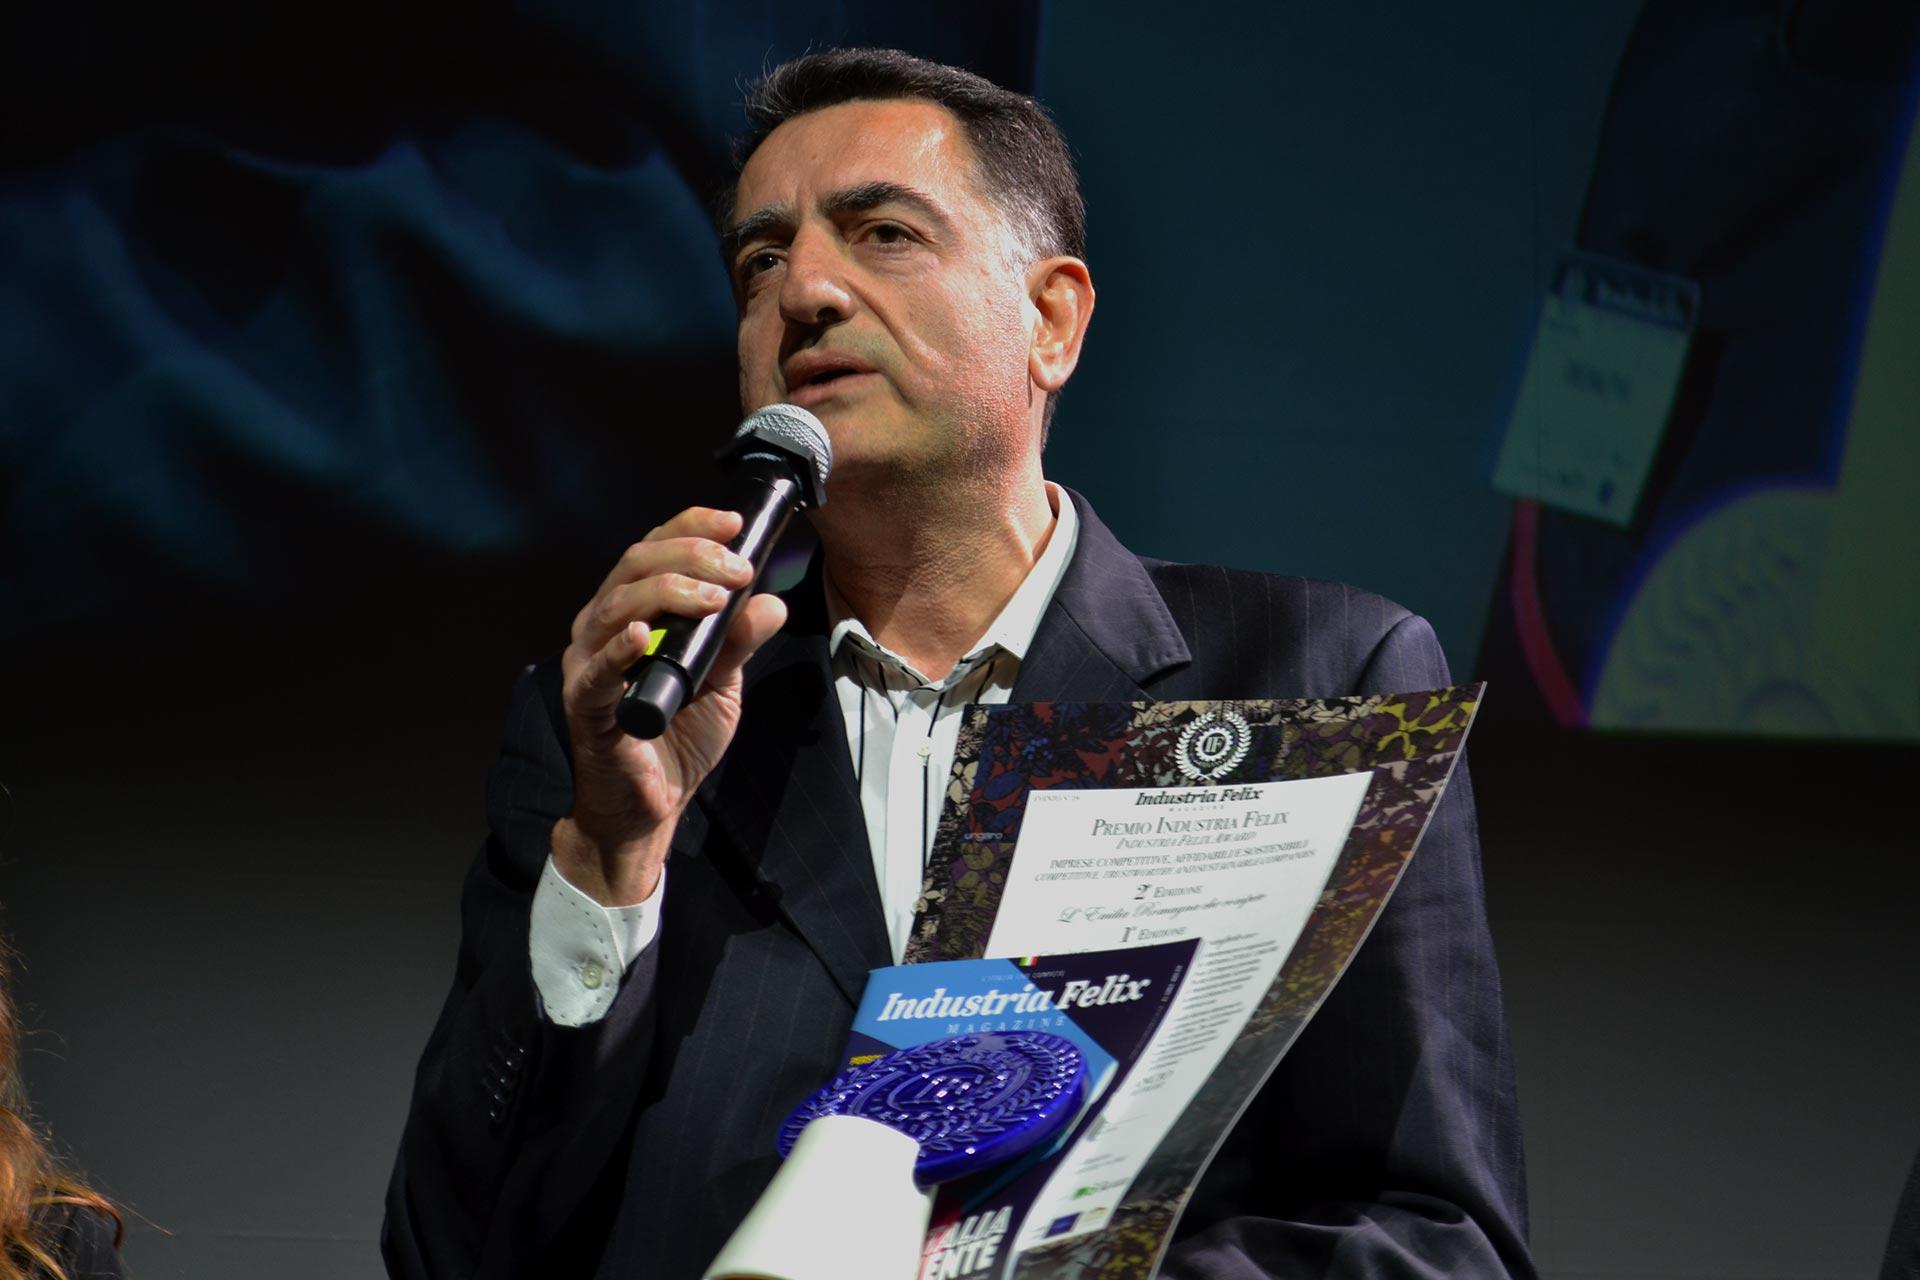 Gianpaolo Malizia